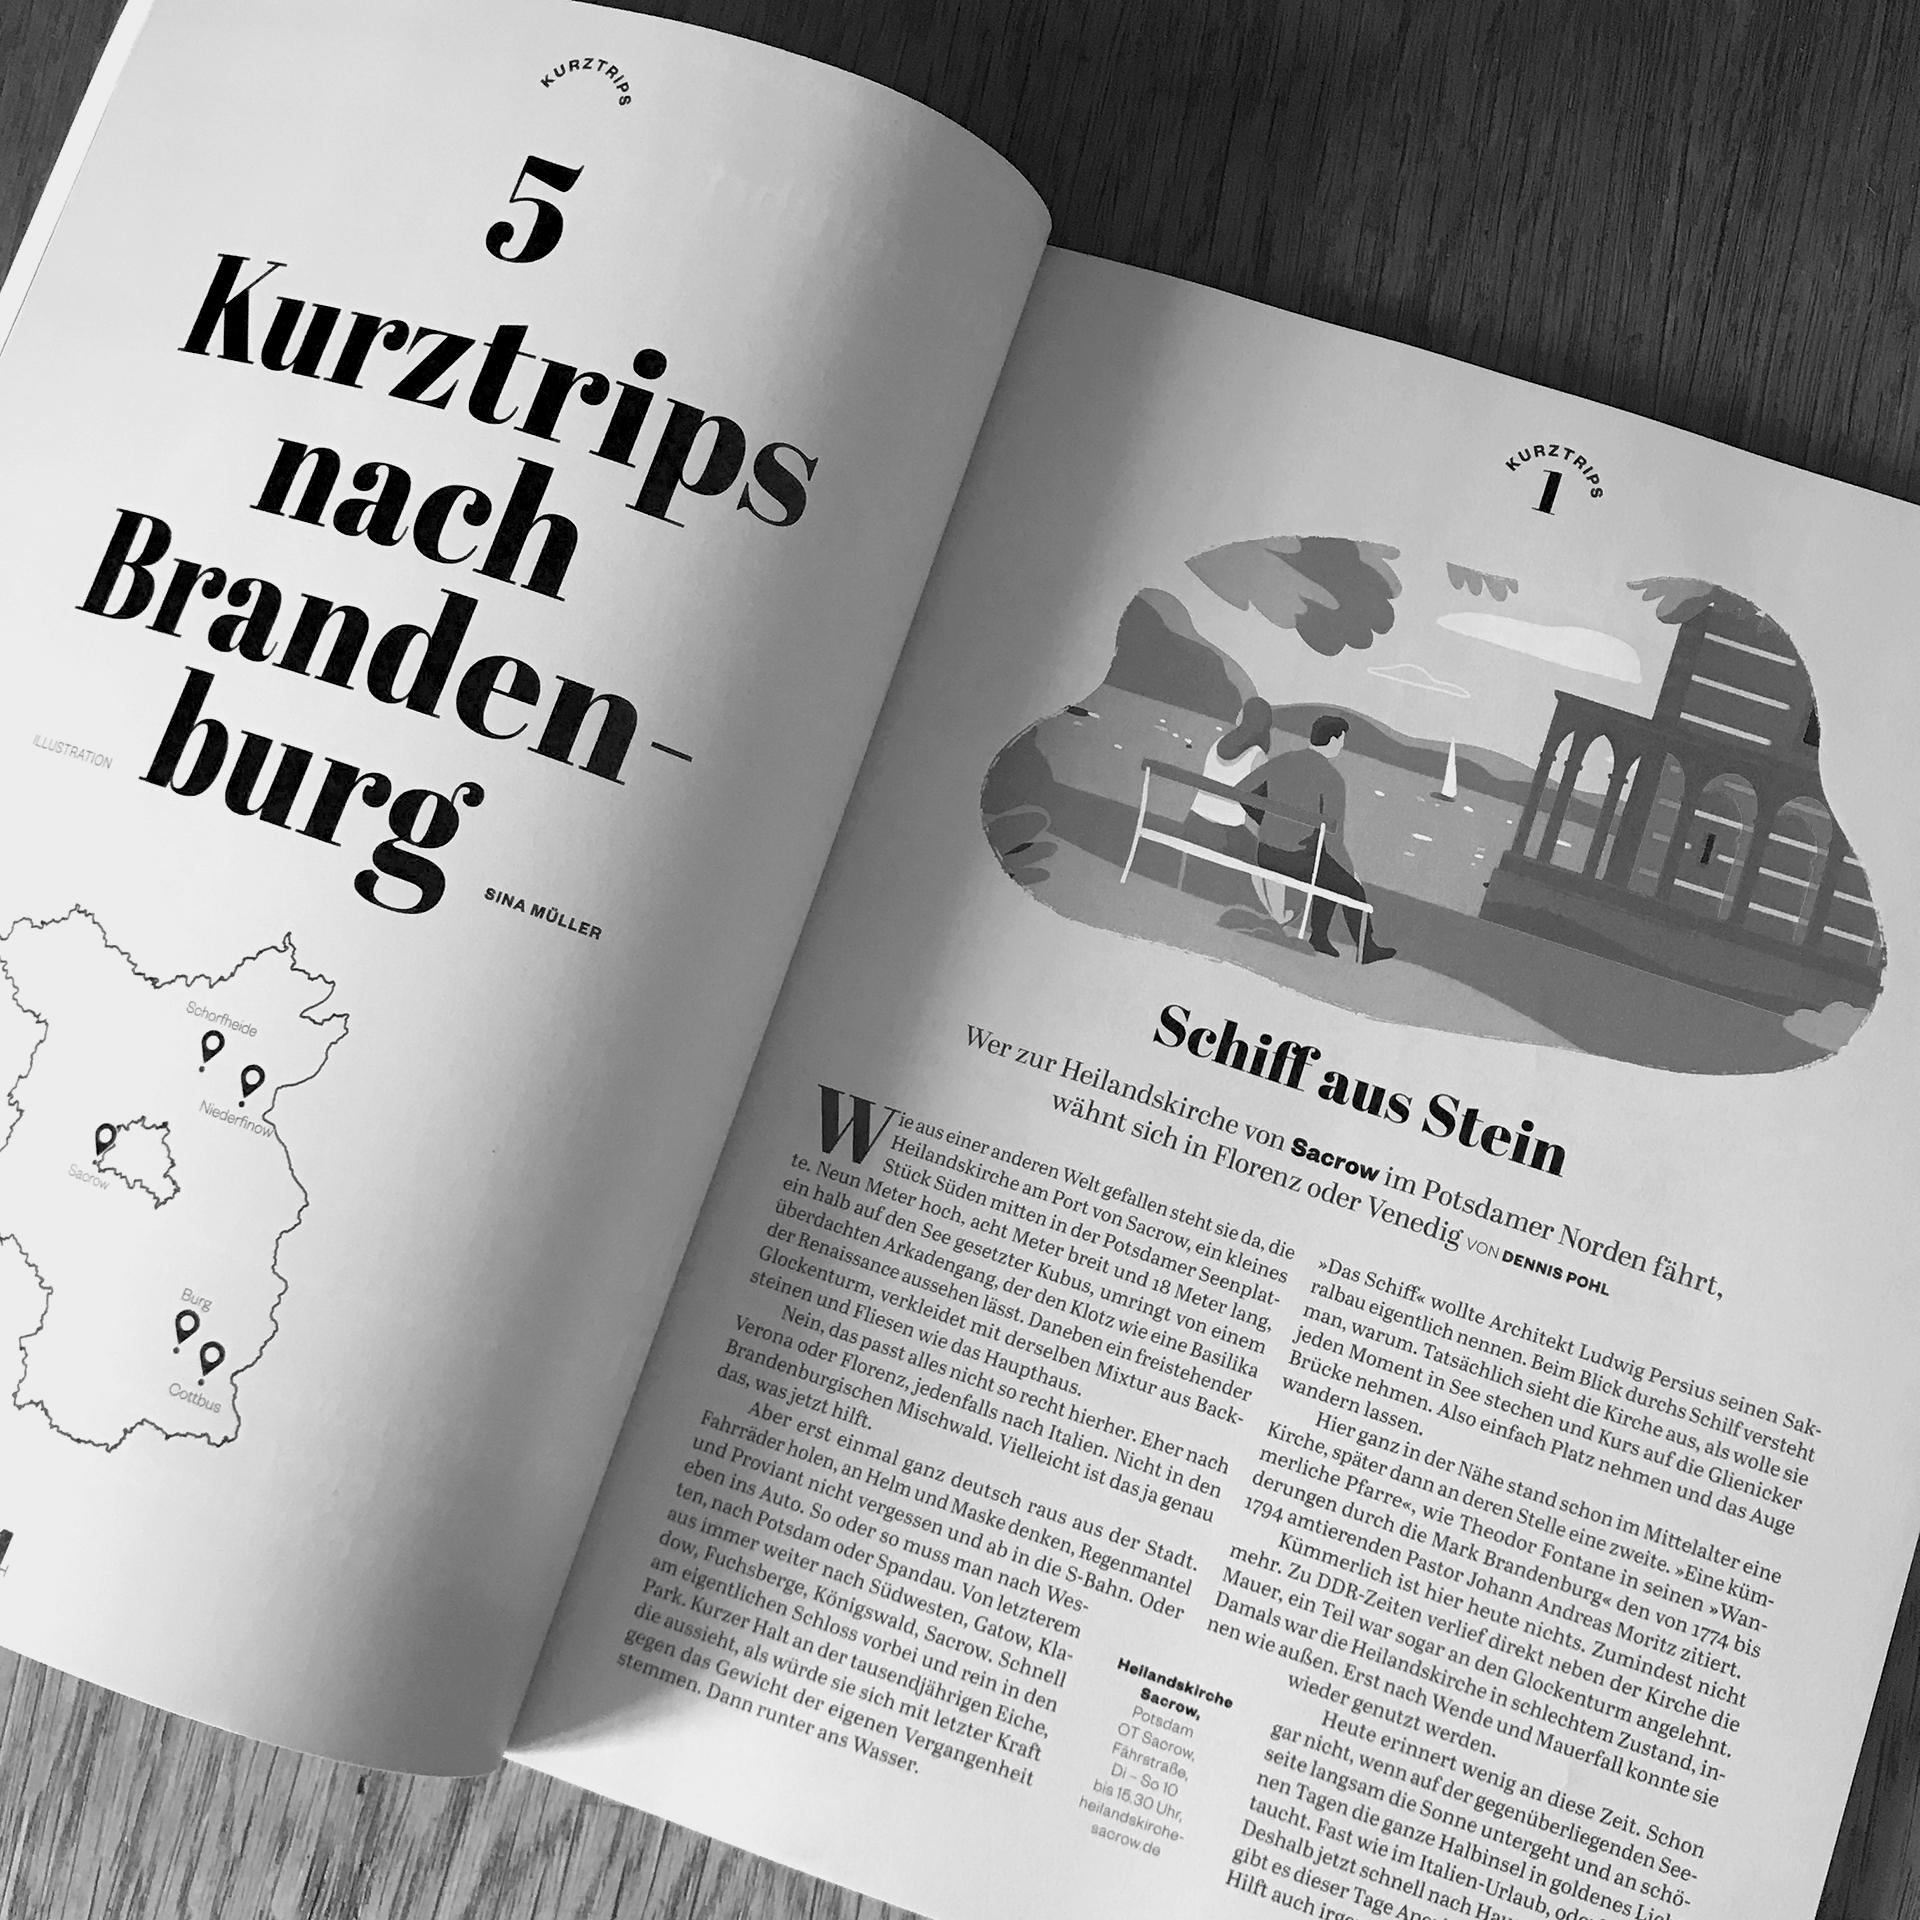 Tagesspiegel_Brandenburg_Illu_01